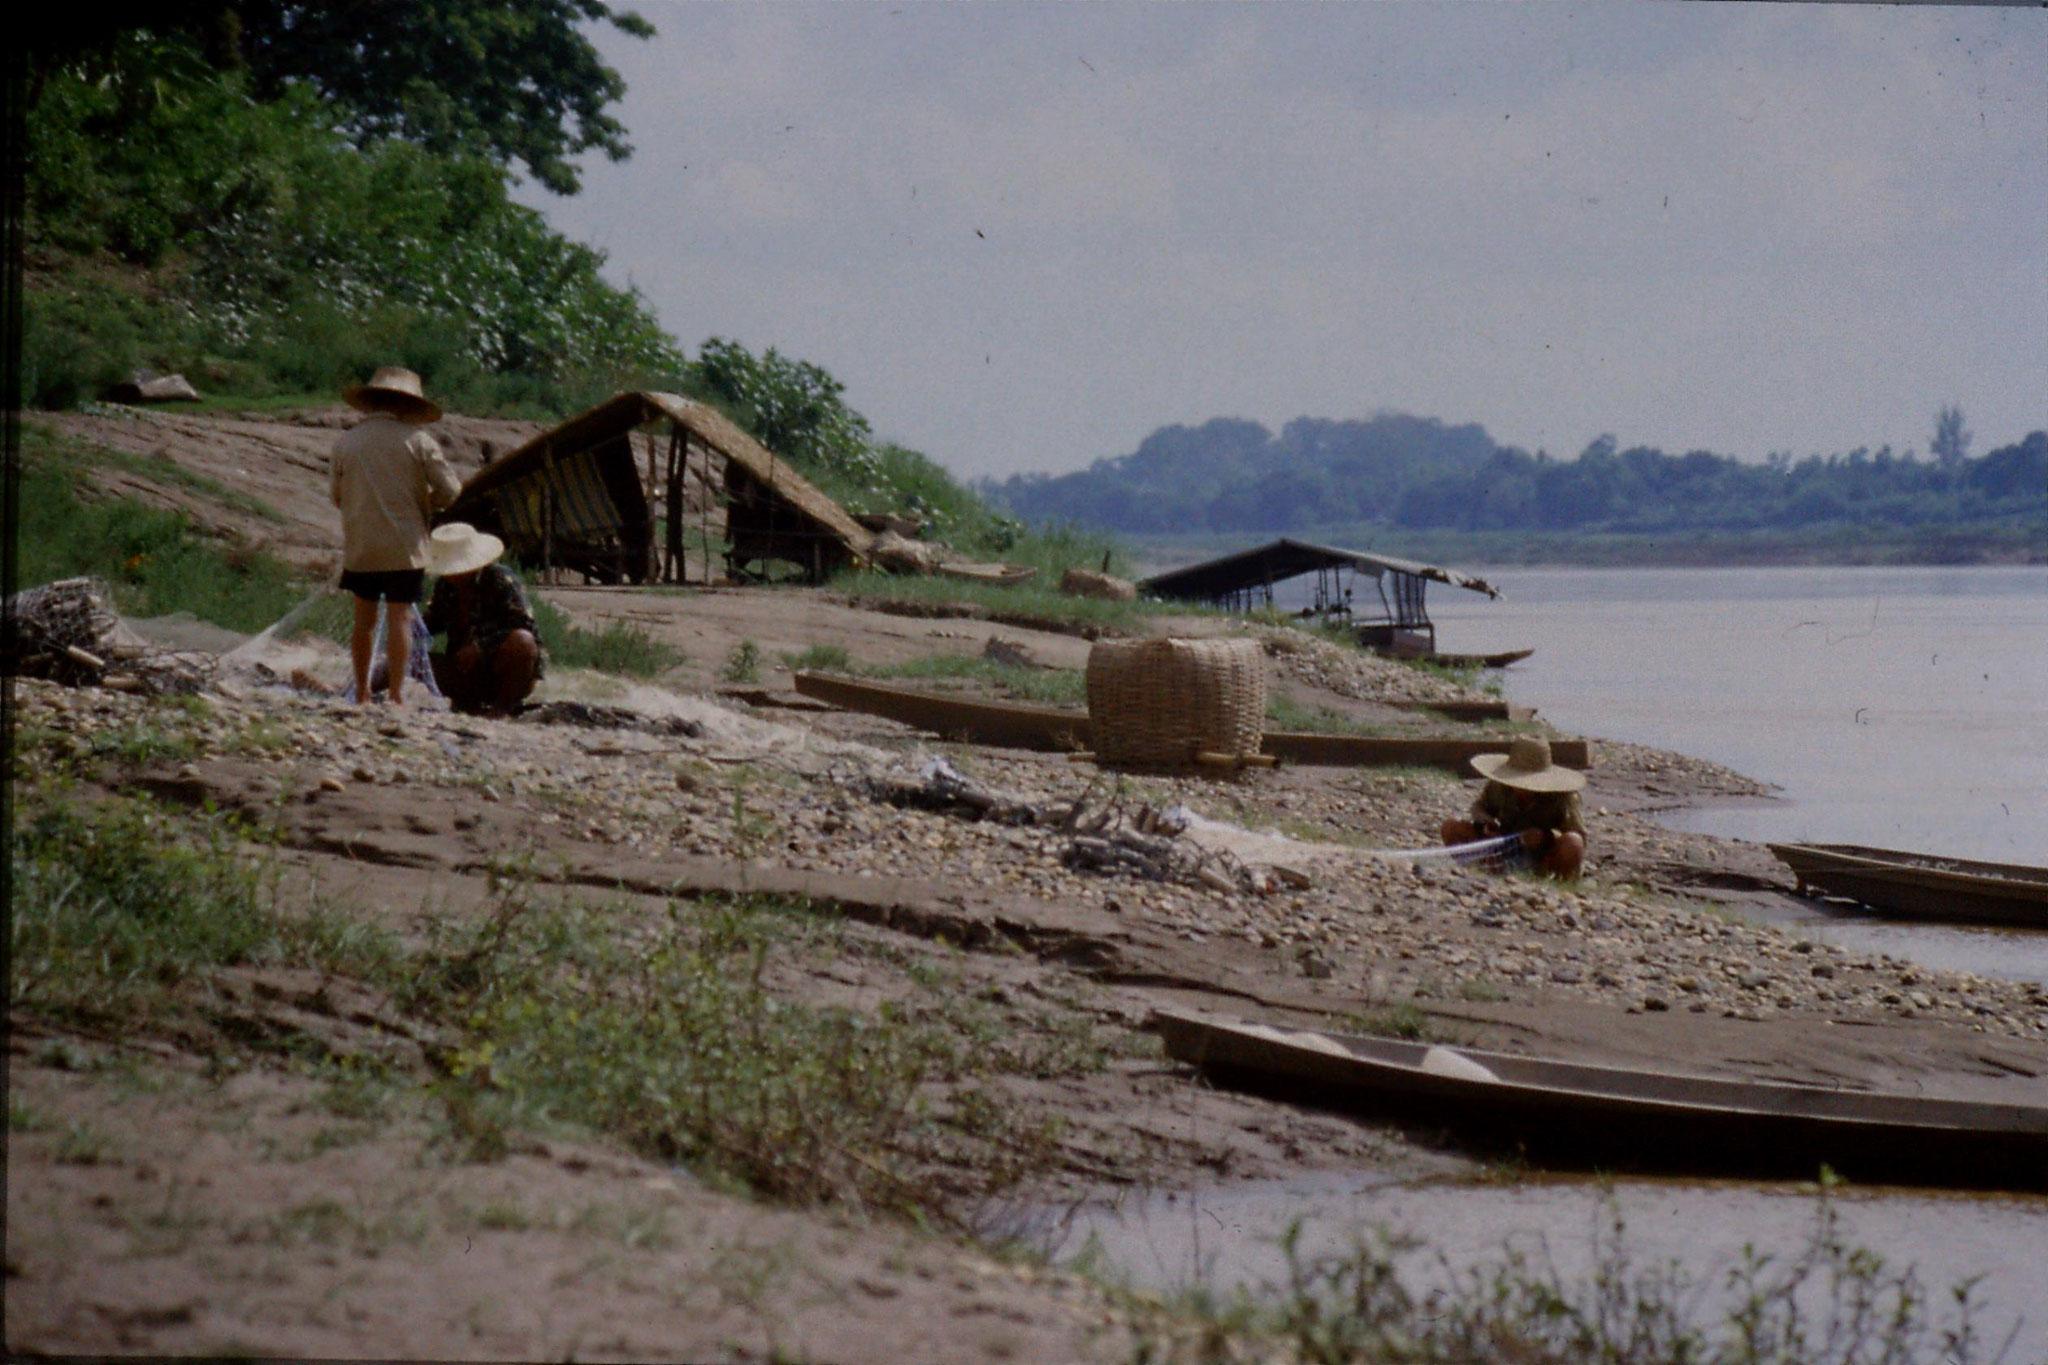 30/5/1990: 25: east of Nong Khai, Mekong river